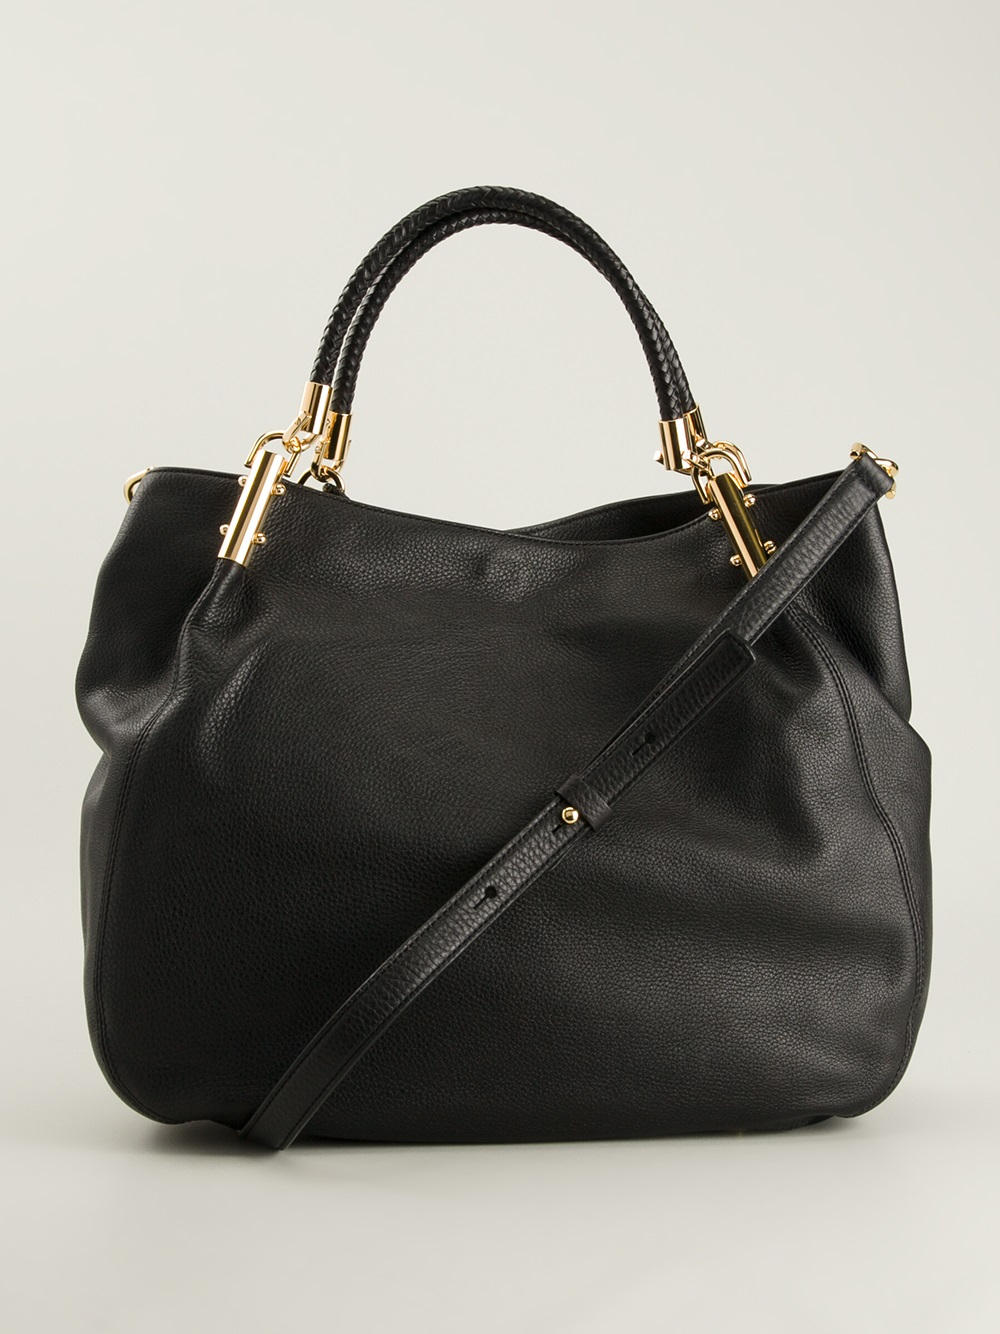 d683518fe350 Michael Kors Skorpios Large Shoulder Bag Black Leather | Stanford ...